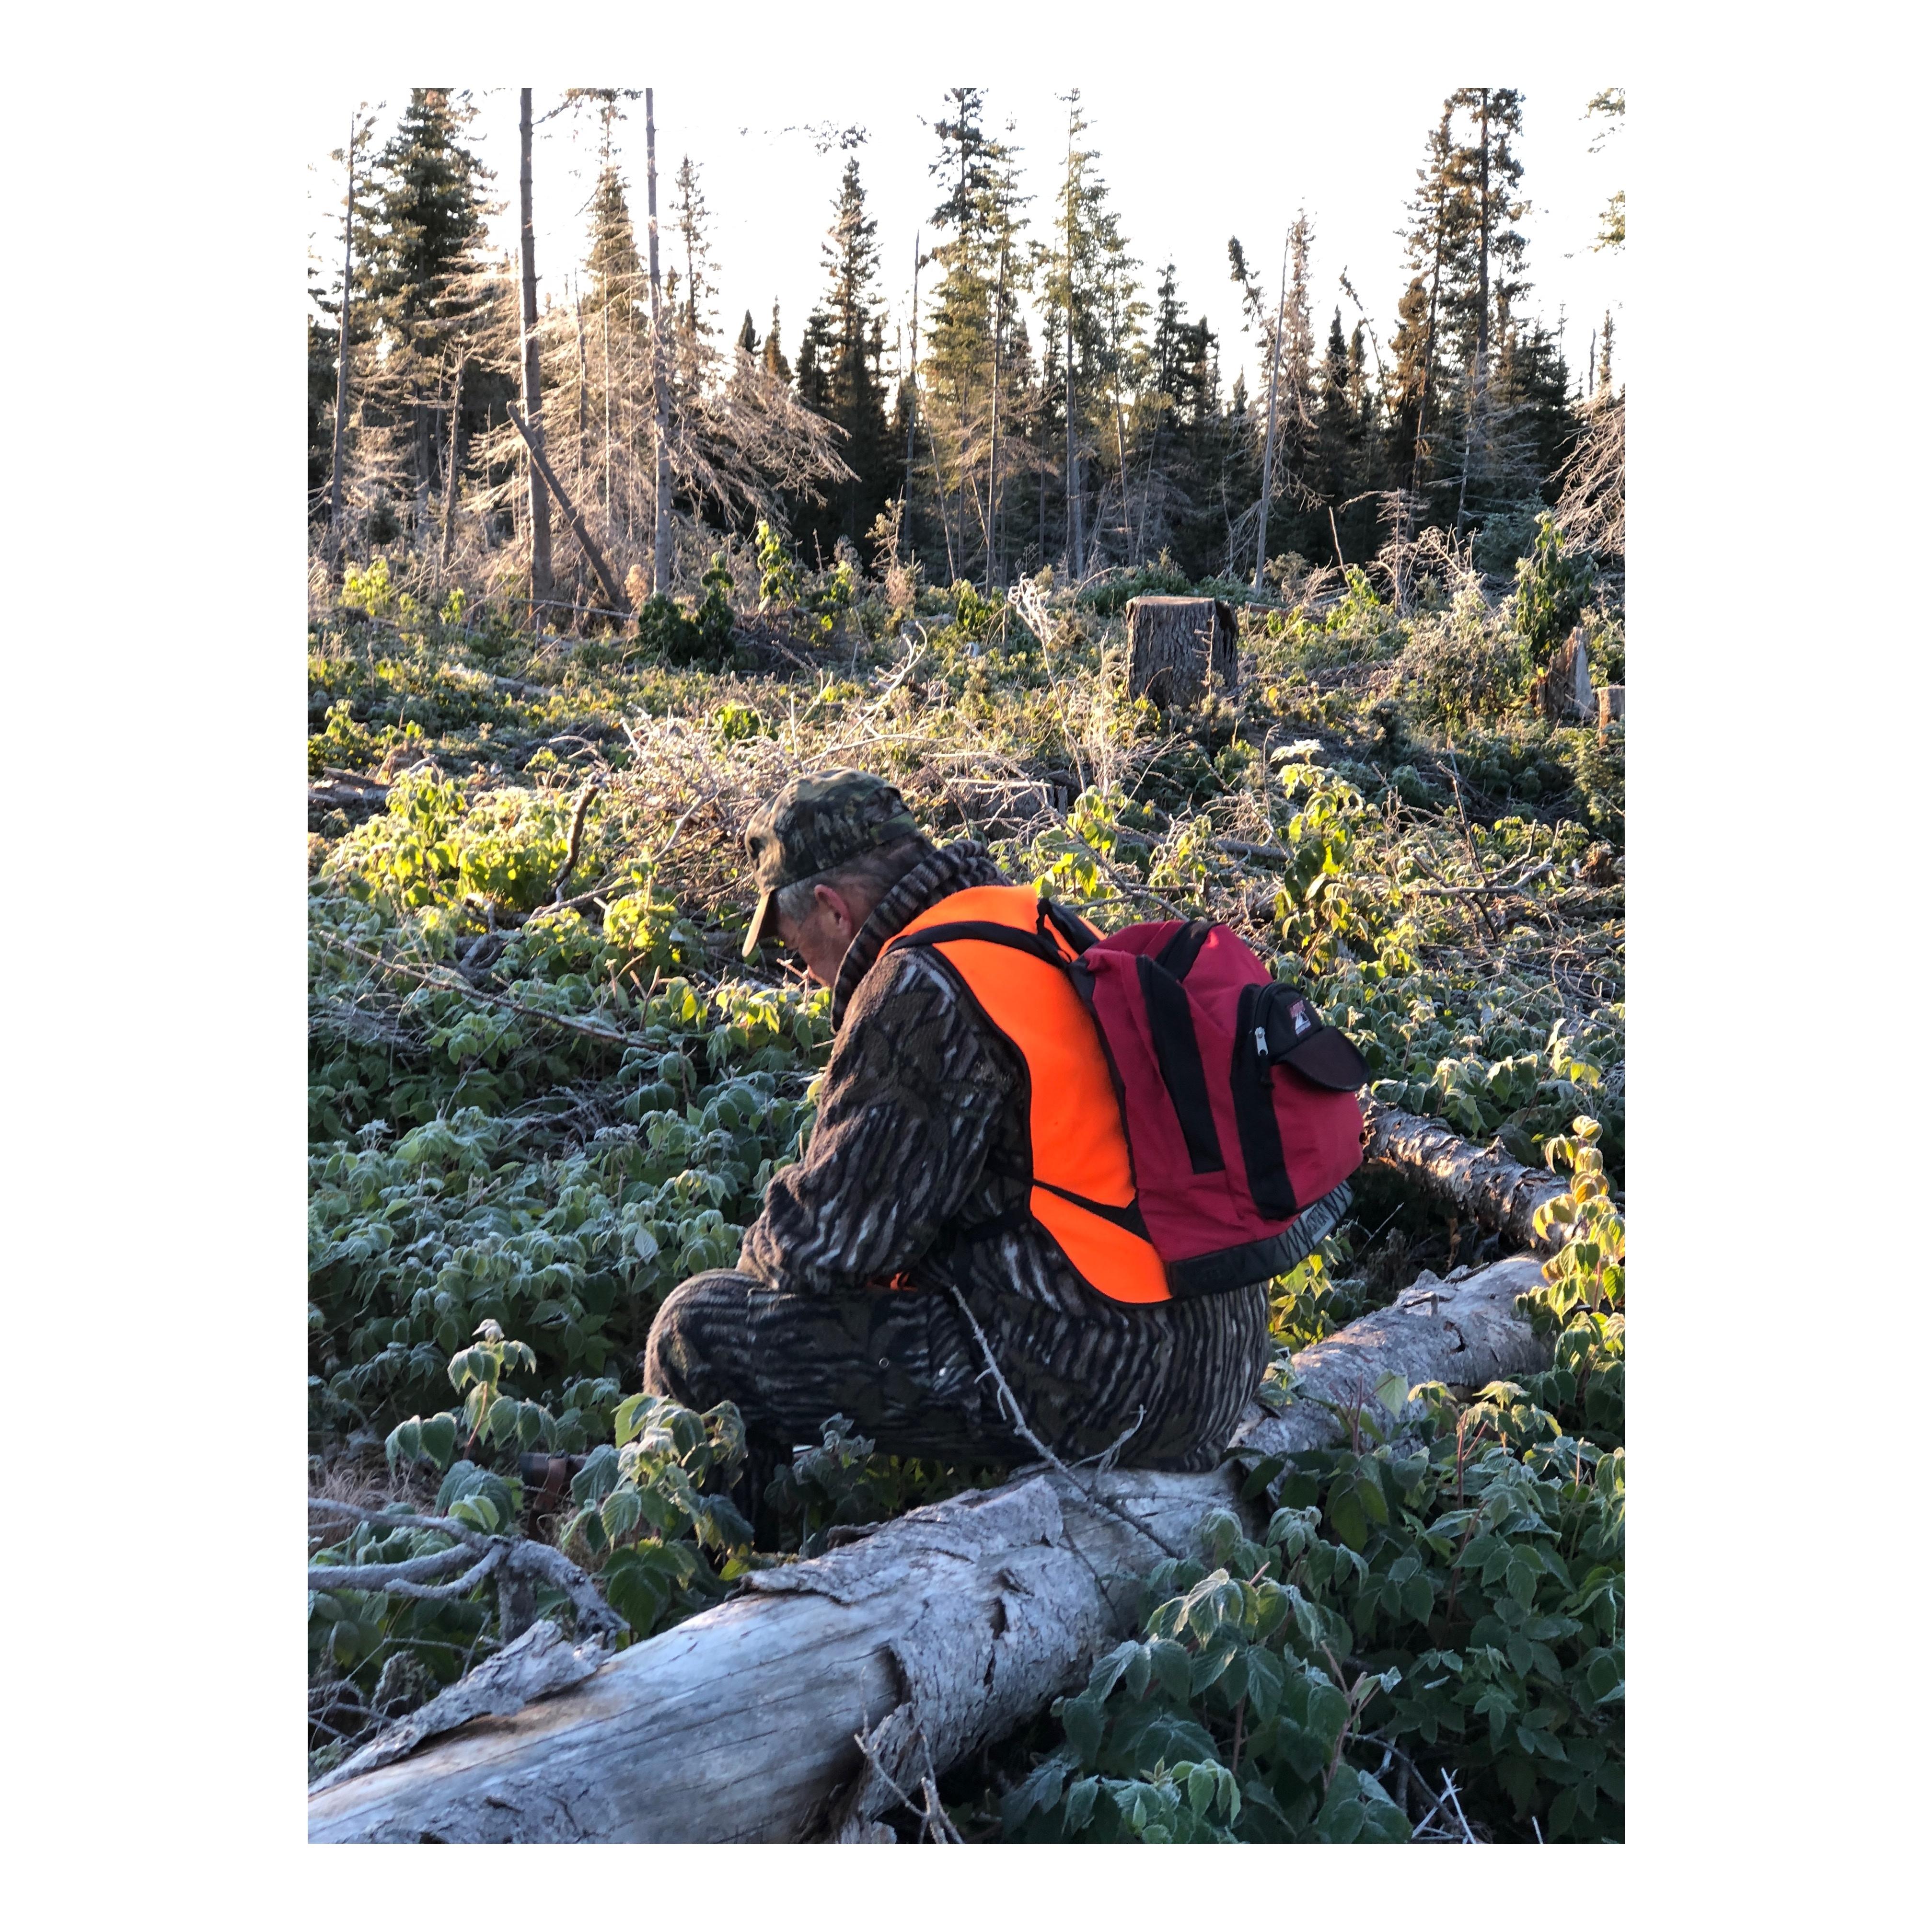 Paul-Aimé Boulay, le père de Stéphanie, prend un moment de repos pendant la chasse. Il est assis sur un tronc dans la forêt.